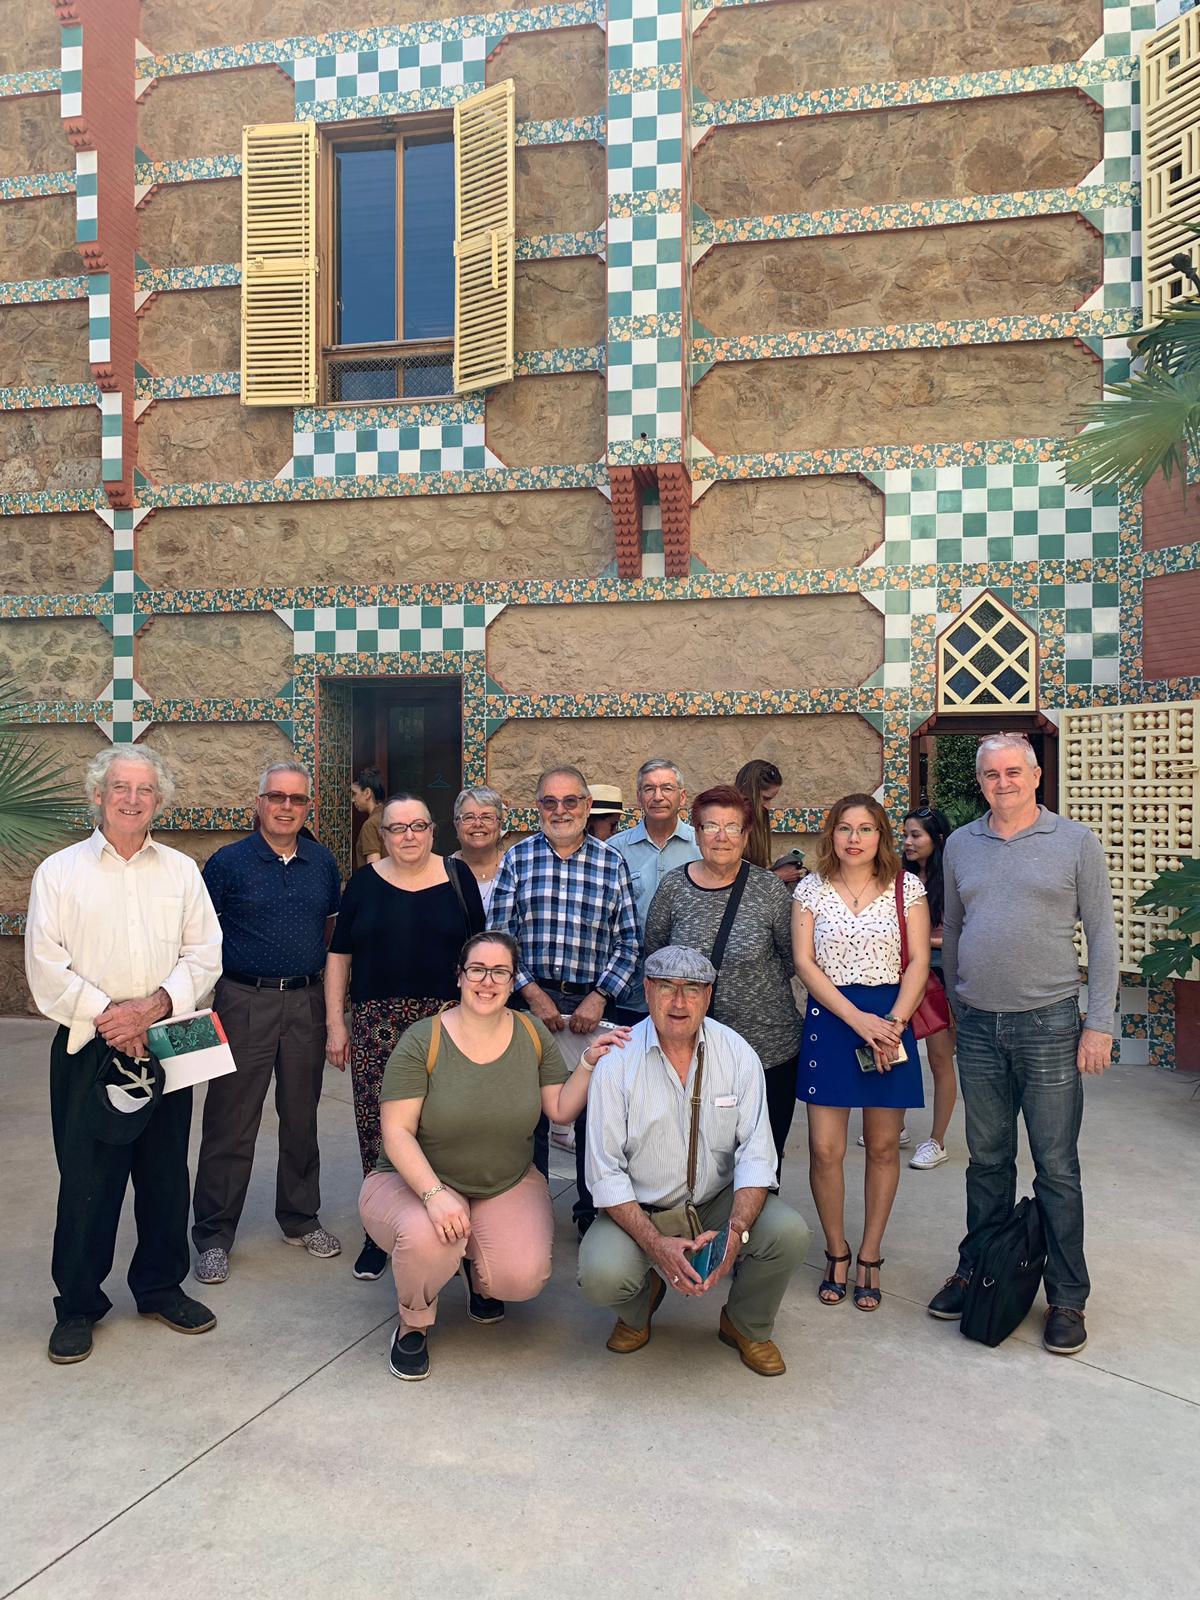 Visita cultural casa Viçenc - Juny 2019